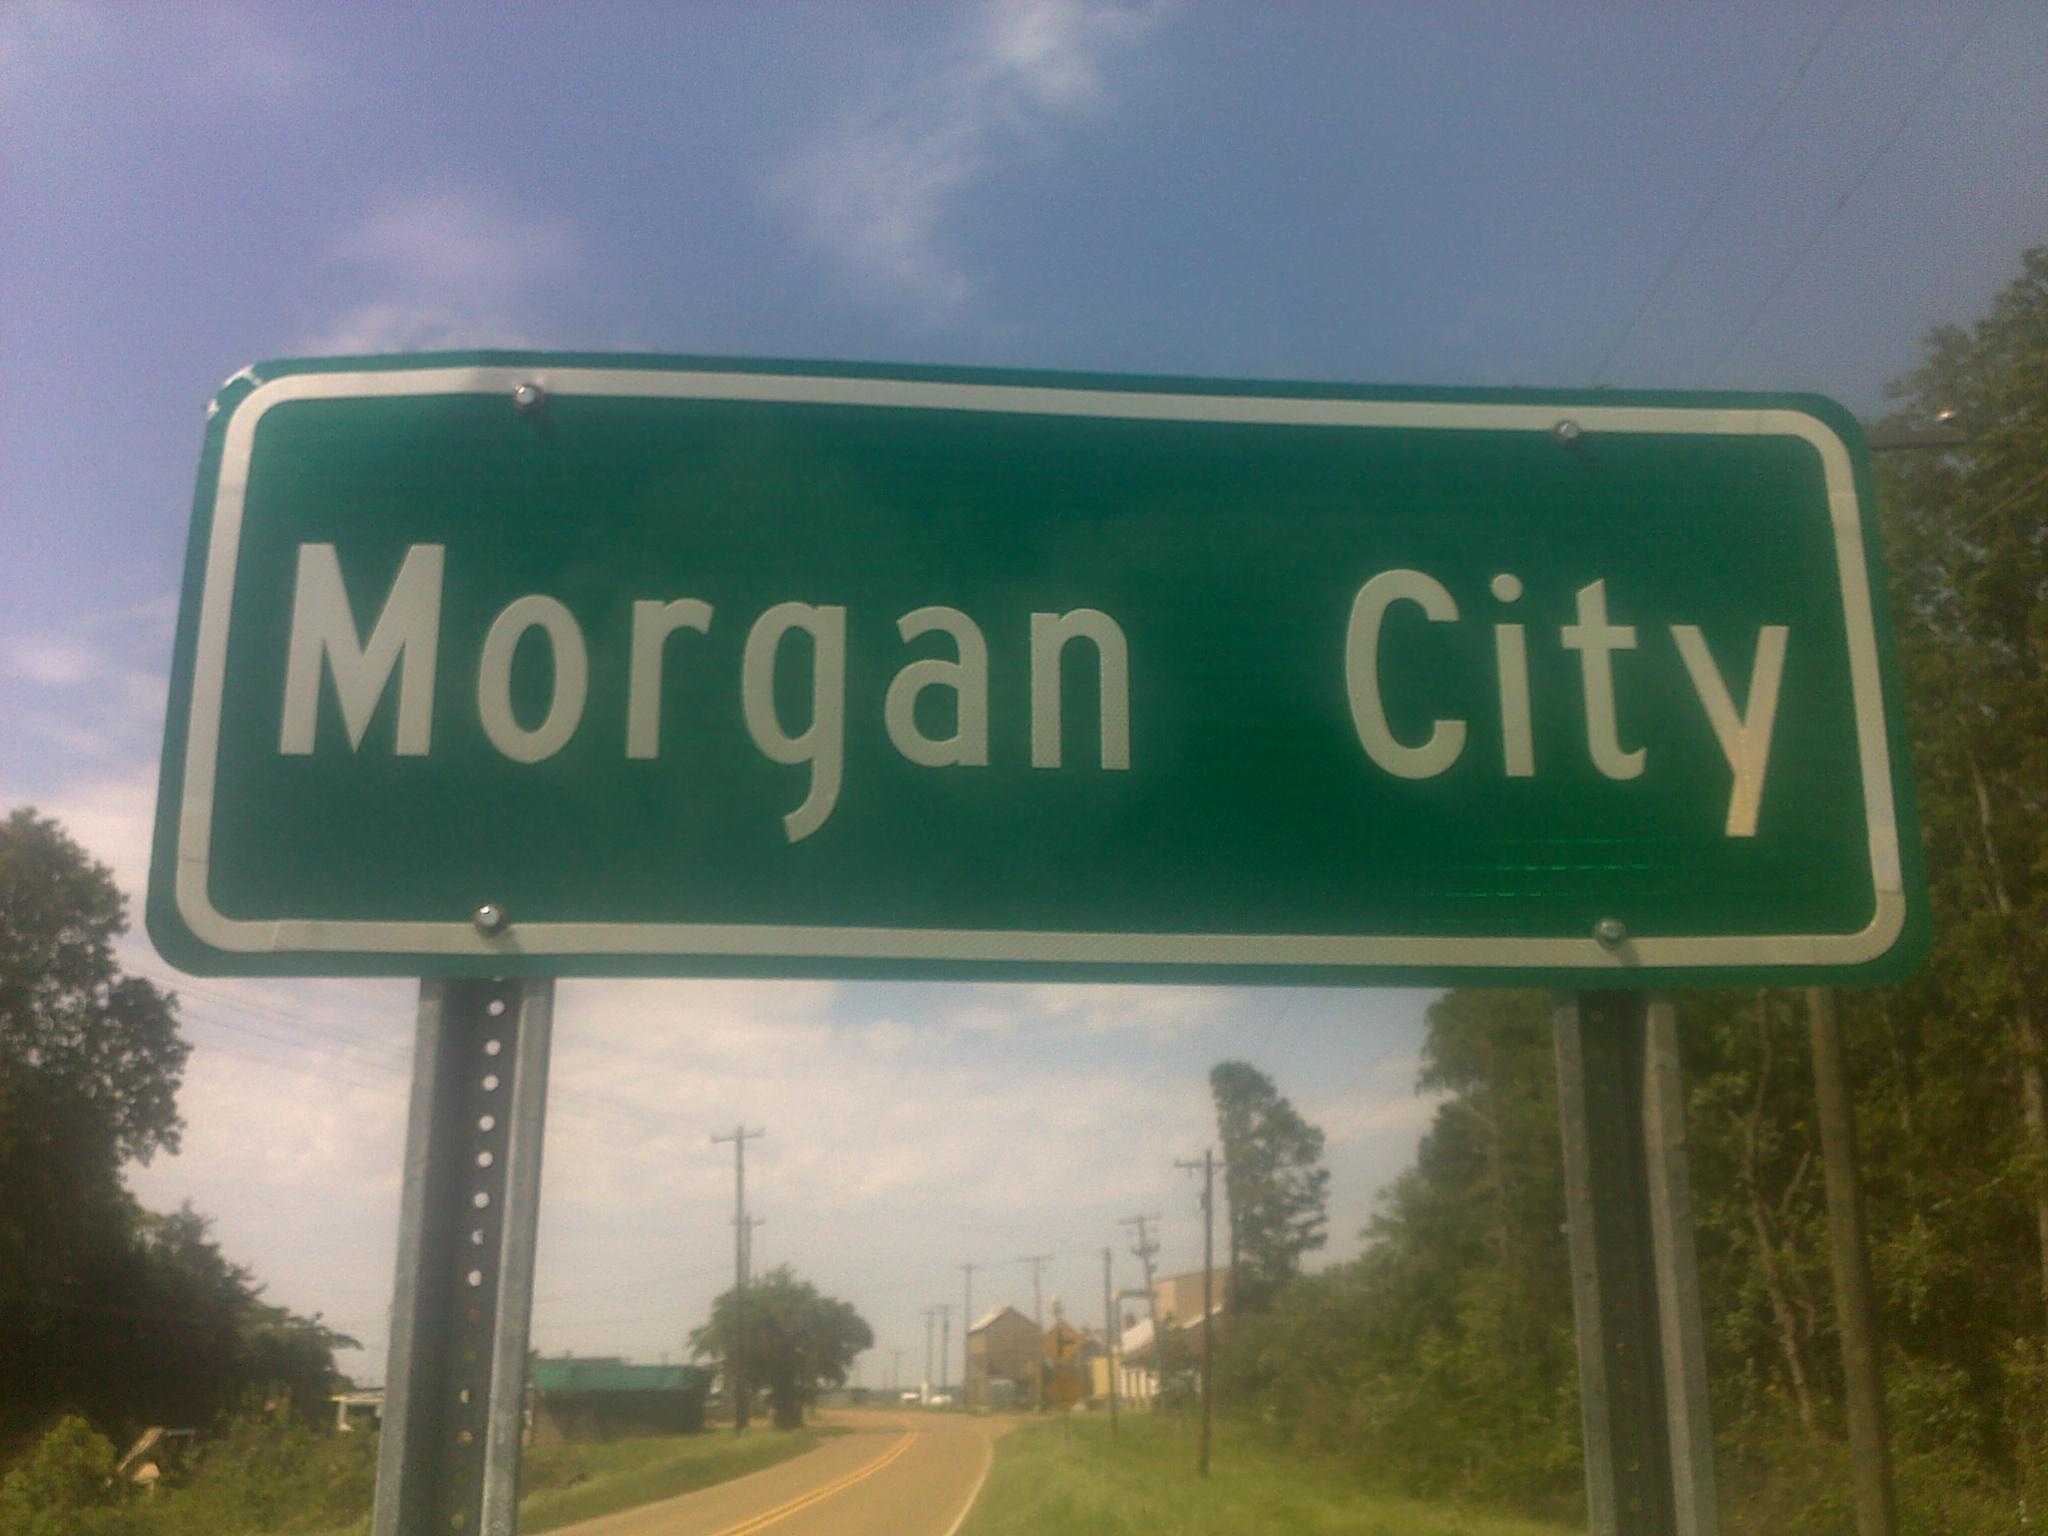 Morgan City Mississippi